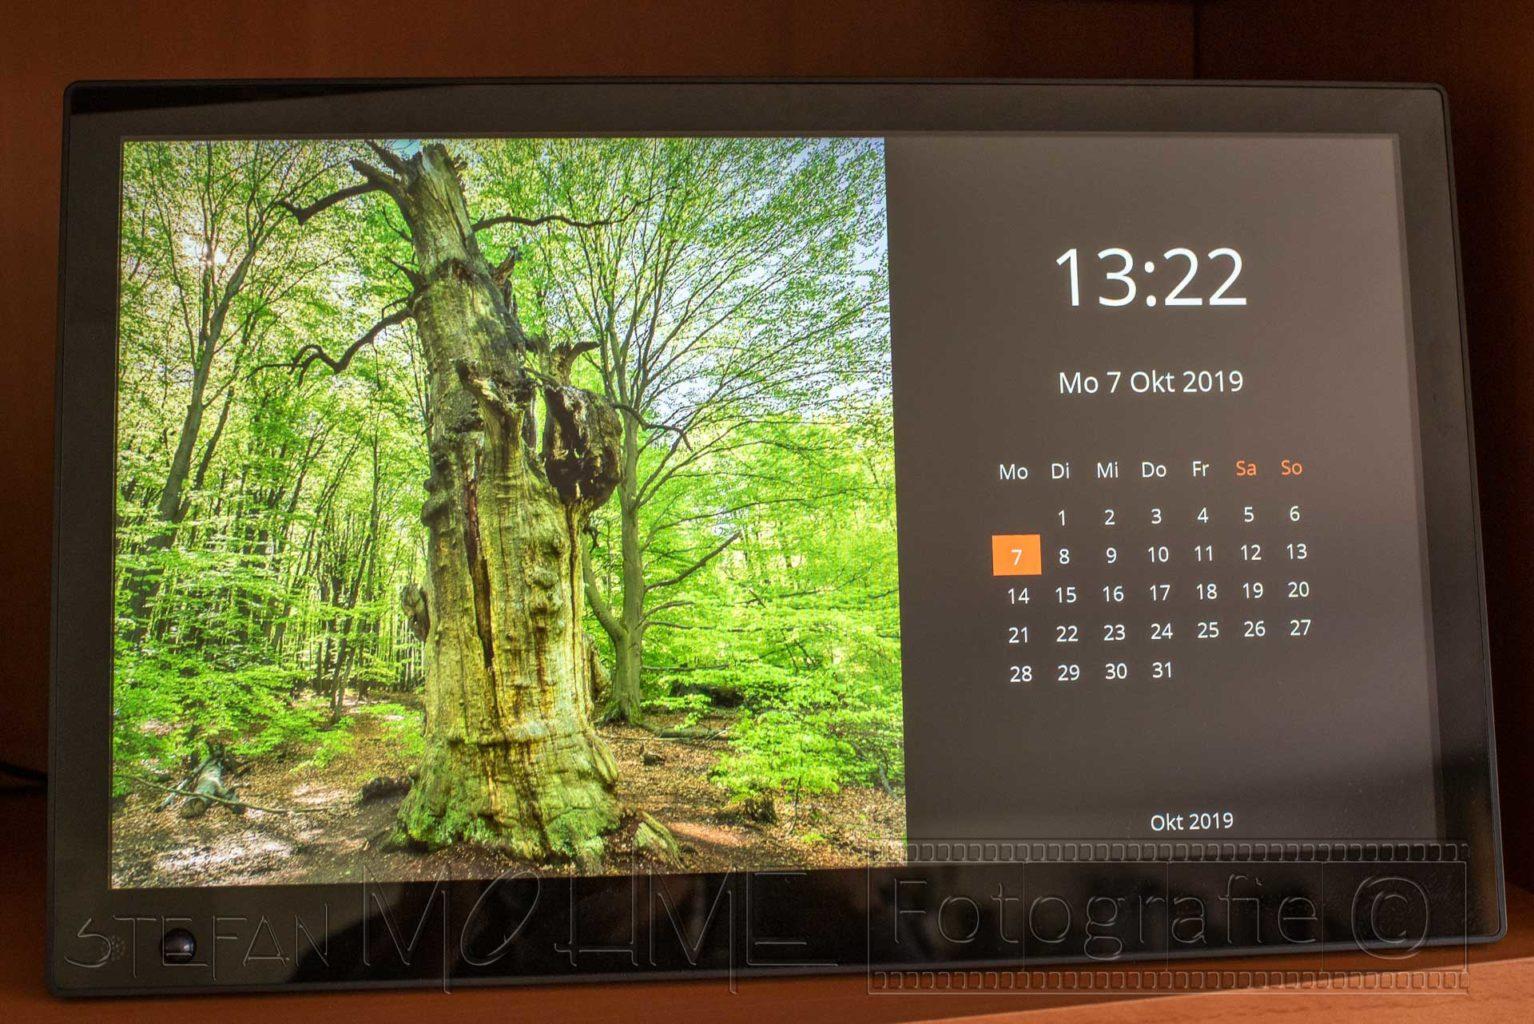 Digitaler Bilderrahmen NIX X17B, günstige Alternative, meine Erfahrungen!